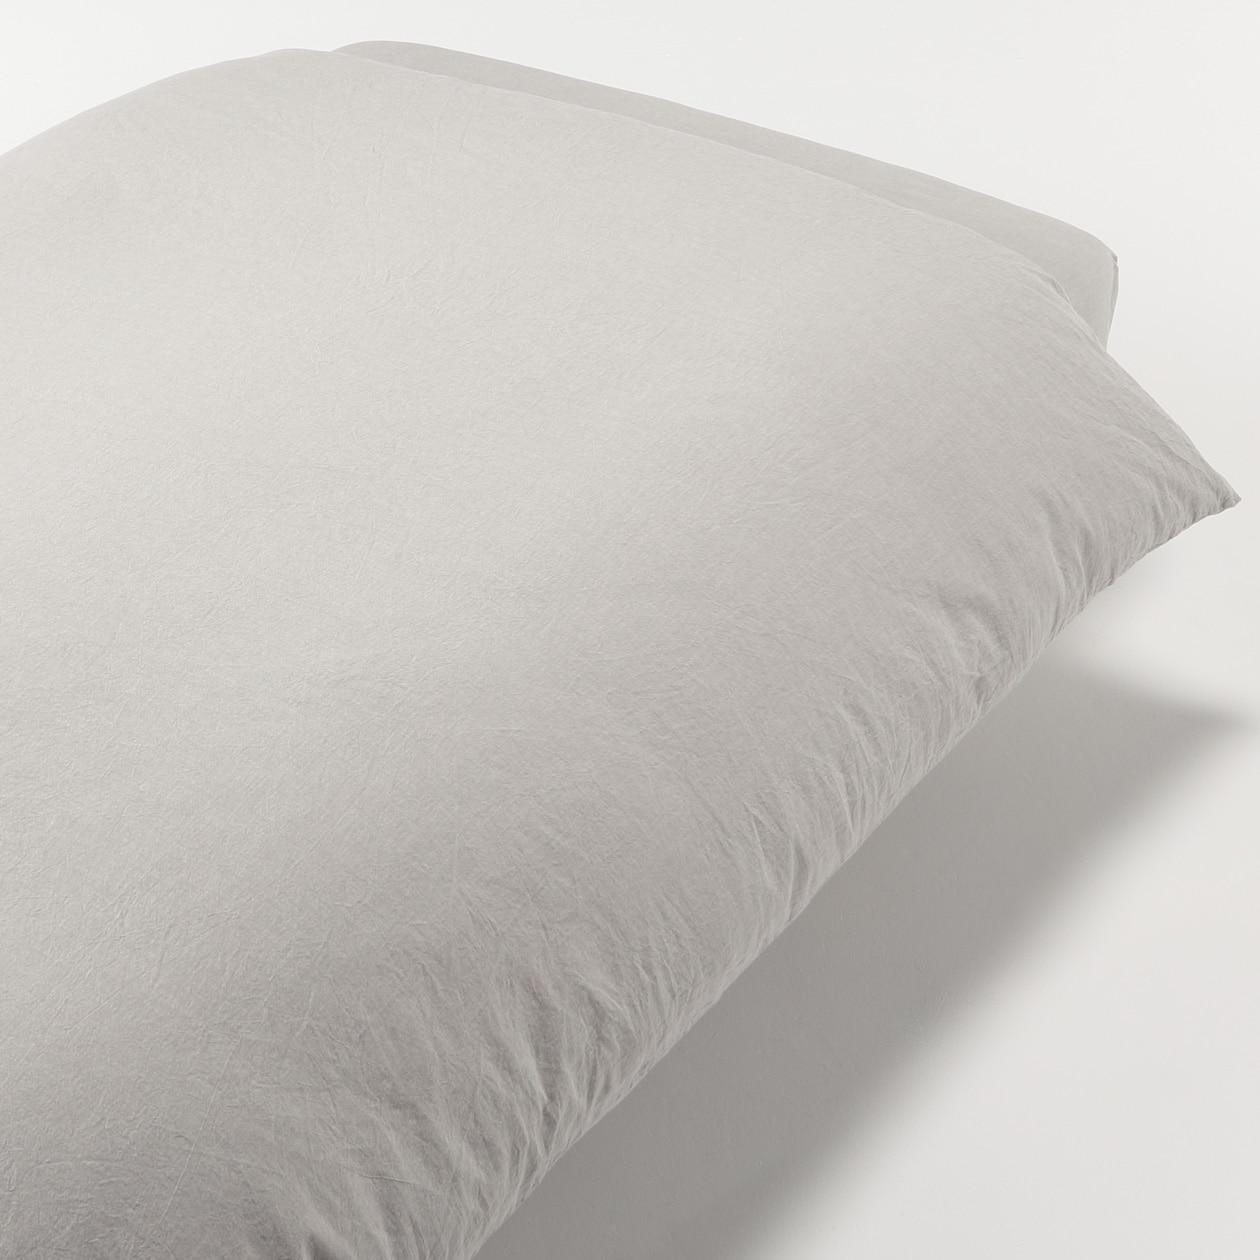 RoomClip商品情報 - オーガニックコットン洗いざらし掛ふとんカバー・D/生成 D/ベージュ